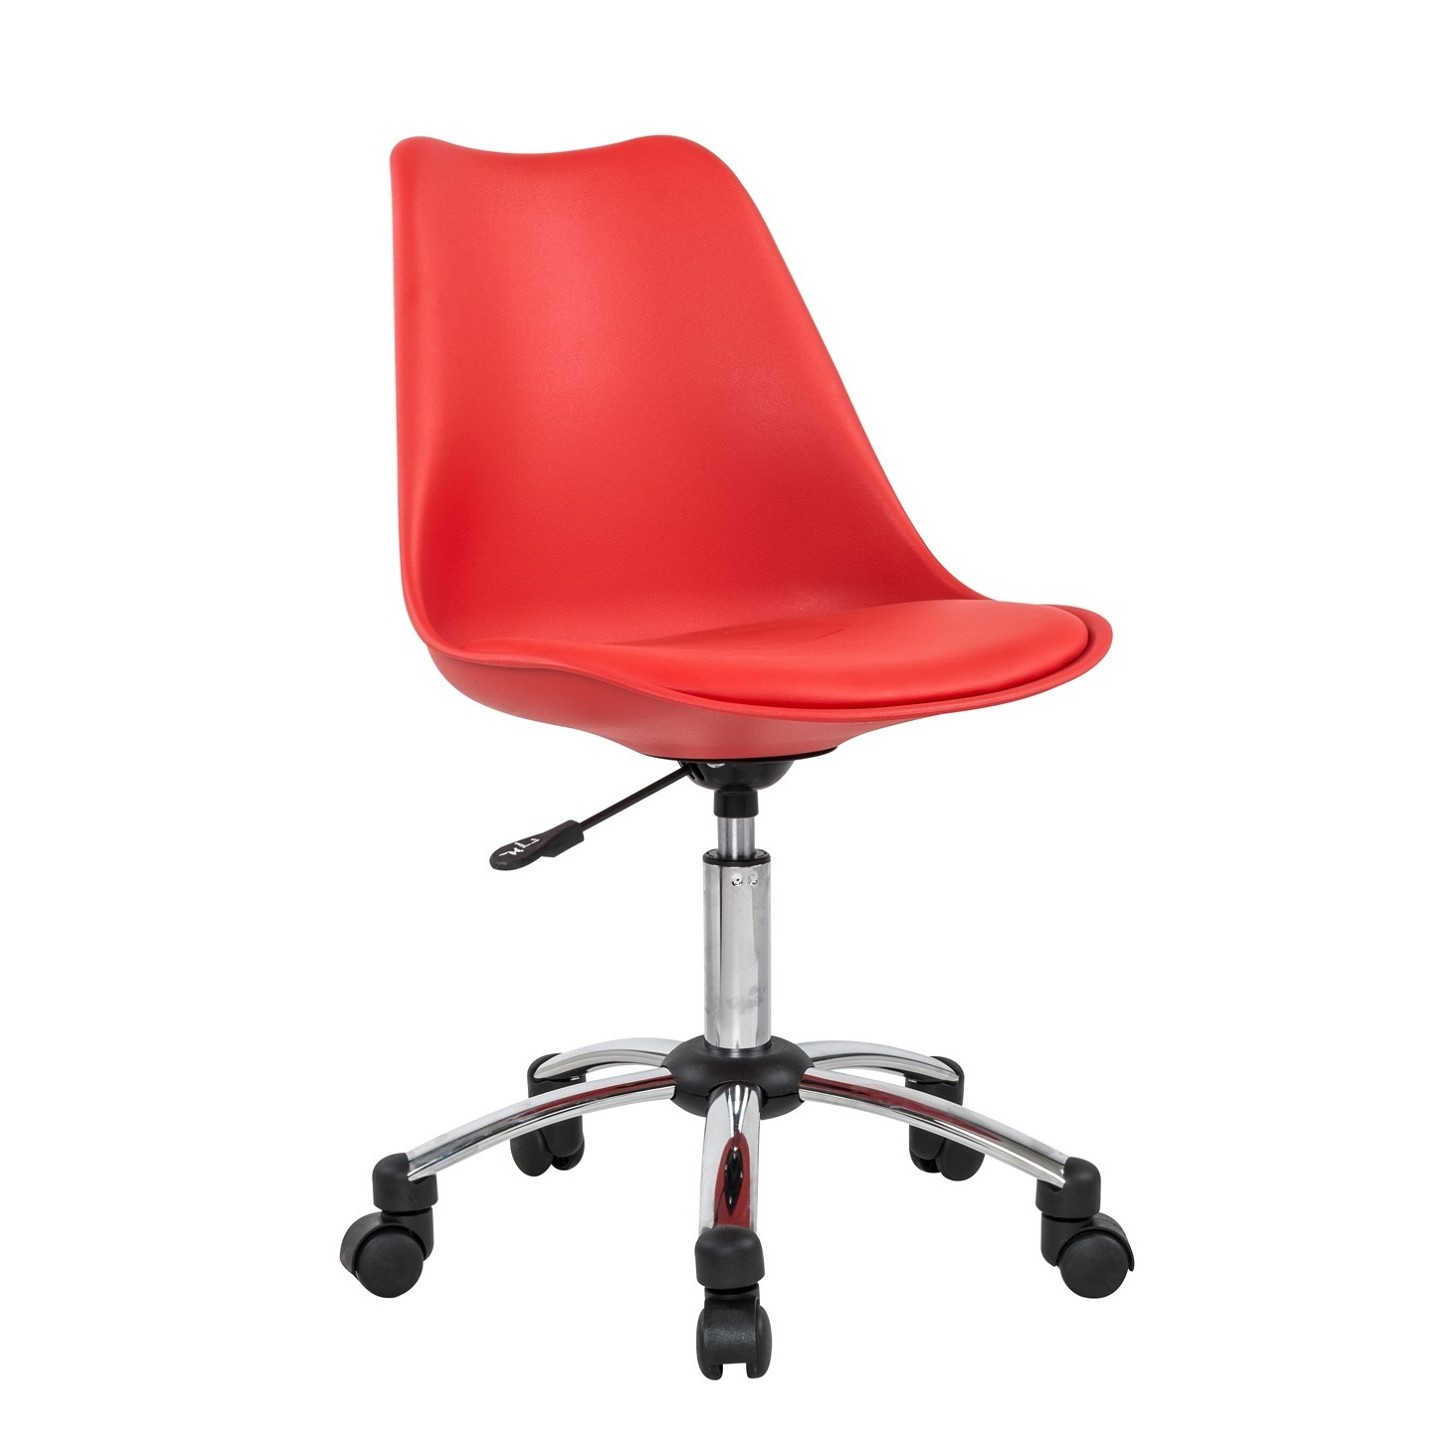 Cadeira Executivo sem Braco com Rodas Plastico Vermelho - Bianchini